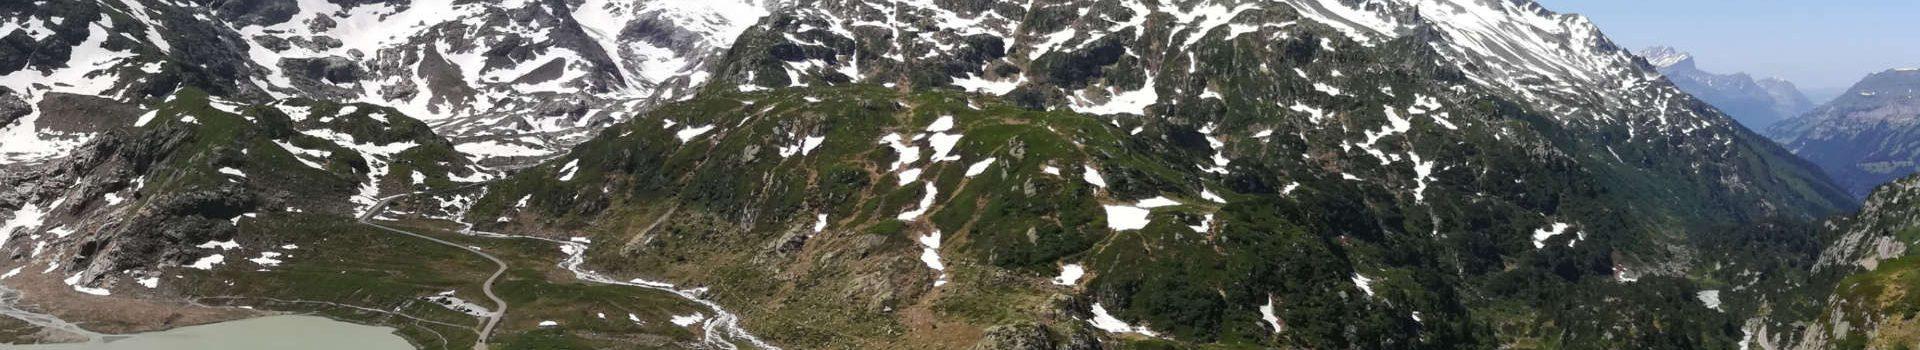 Die Sustenstraße – Gletscher-Watching für Schnellentschlossene